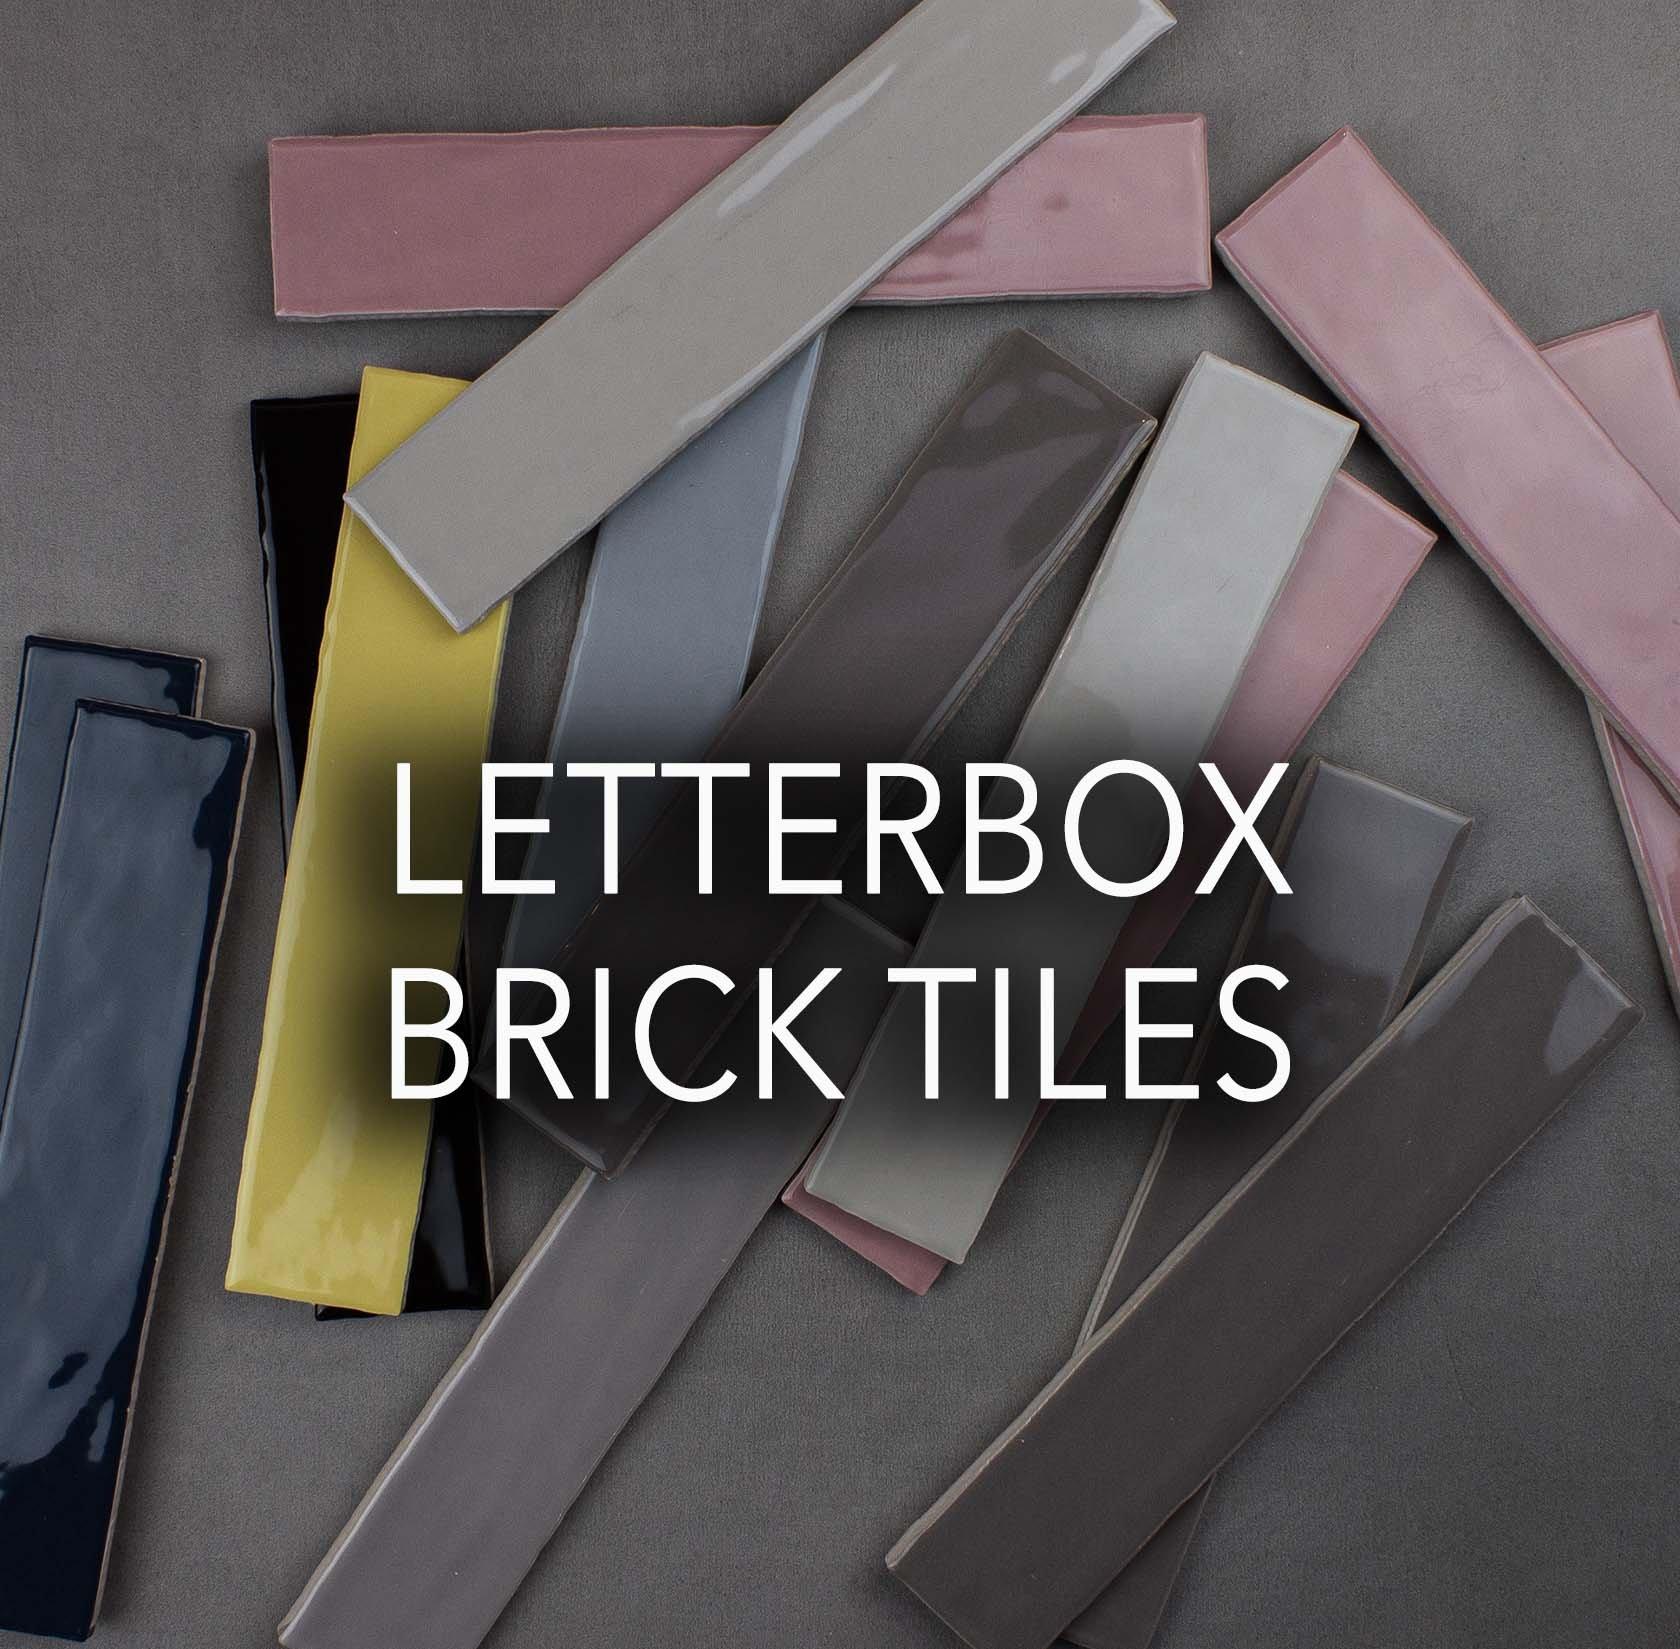 Letterbox Brick Tiles